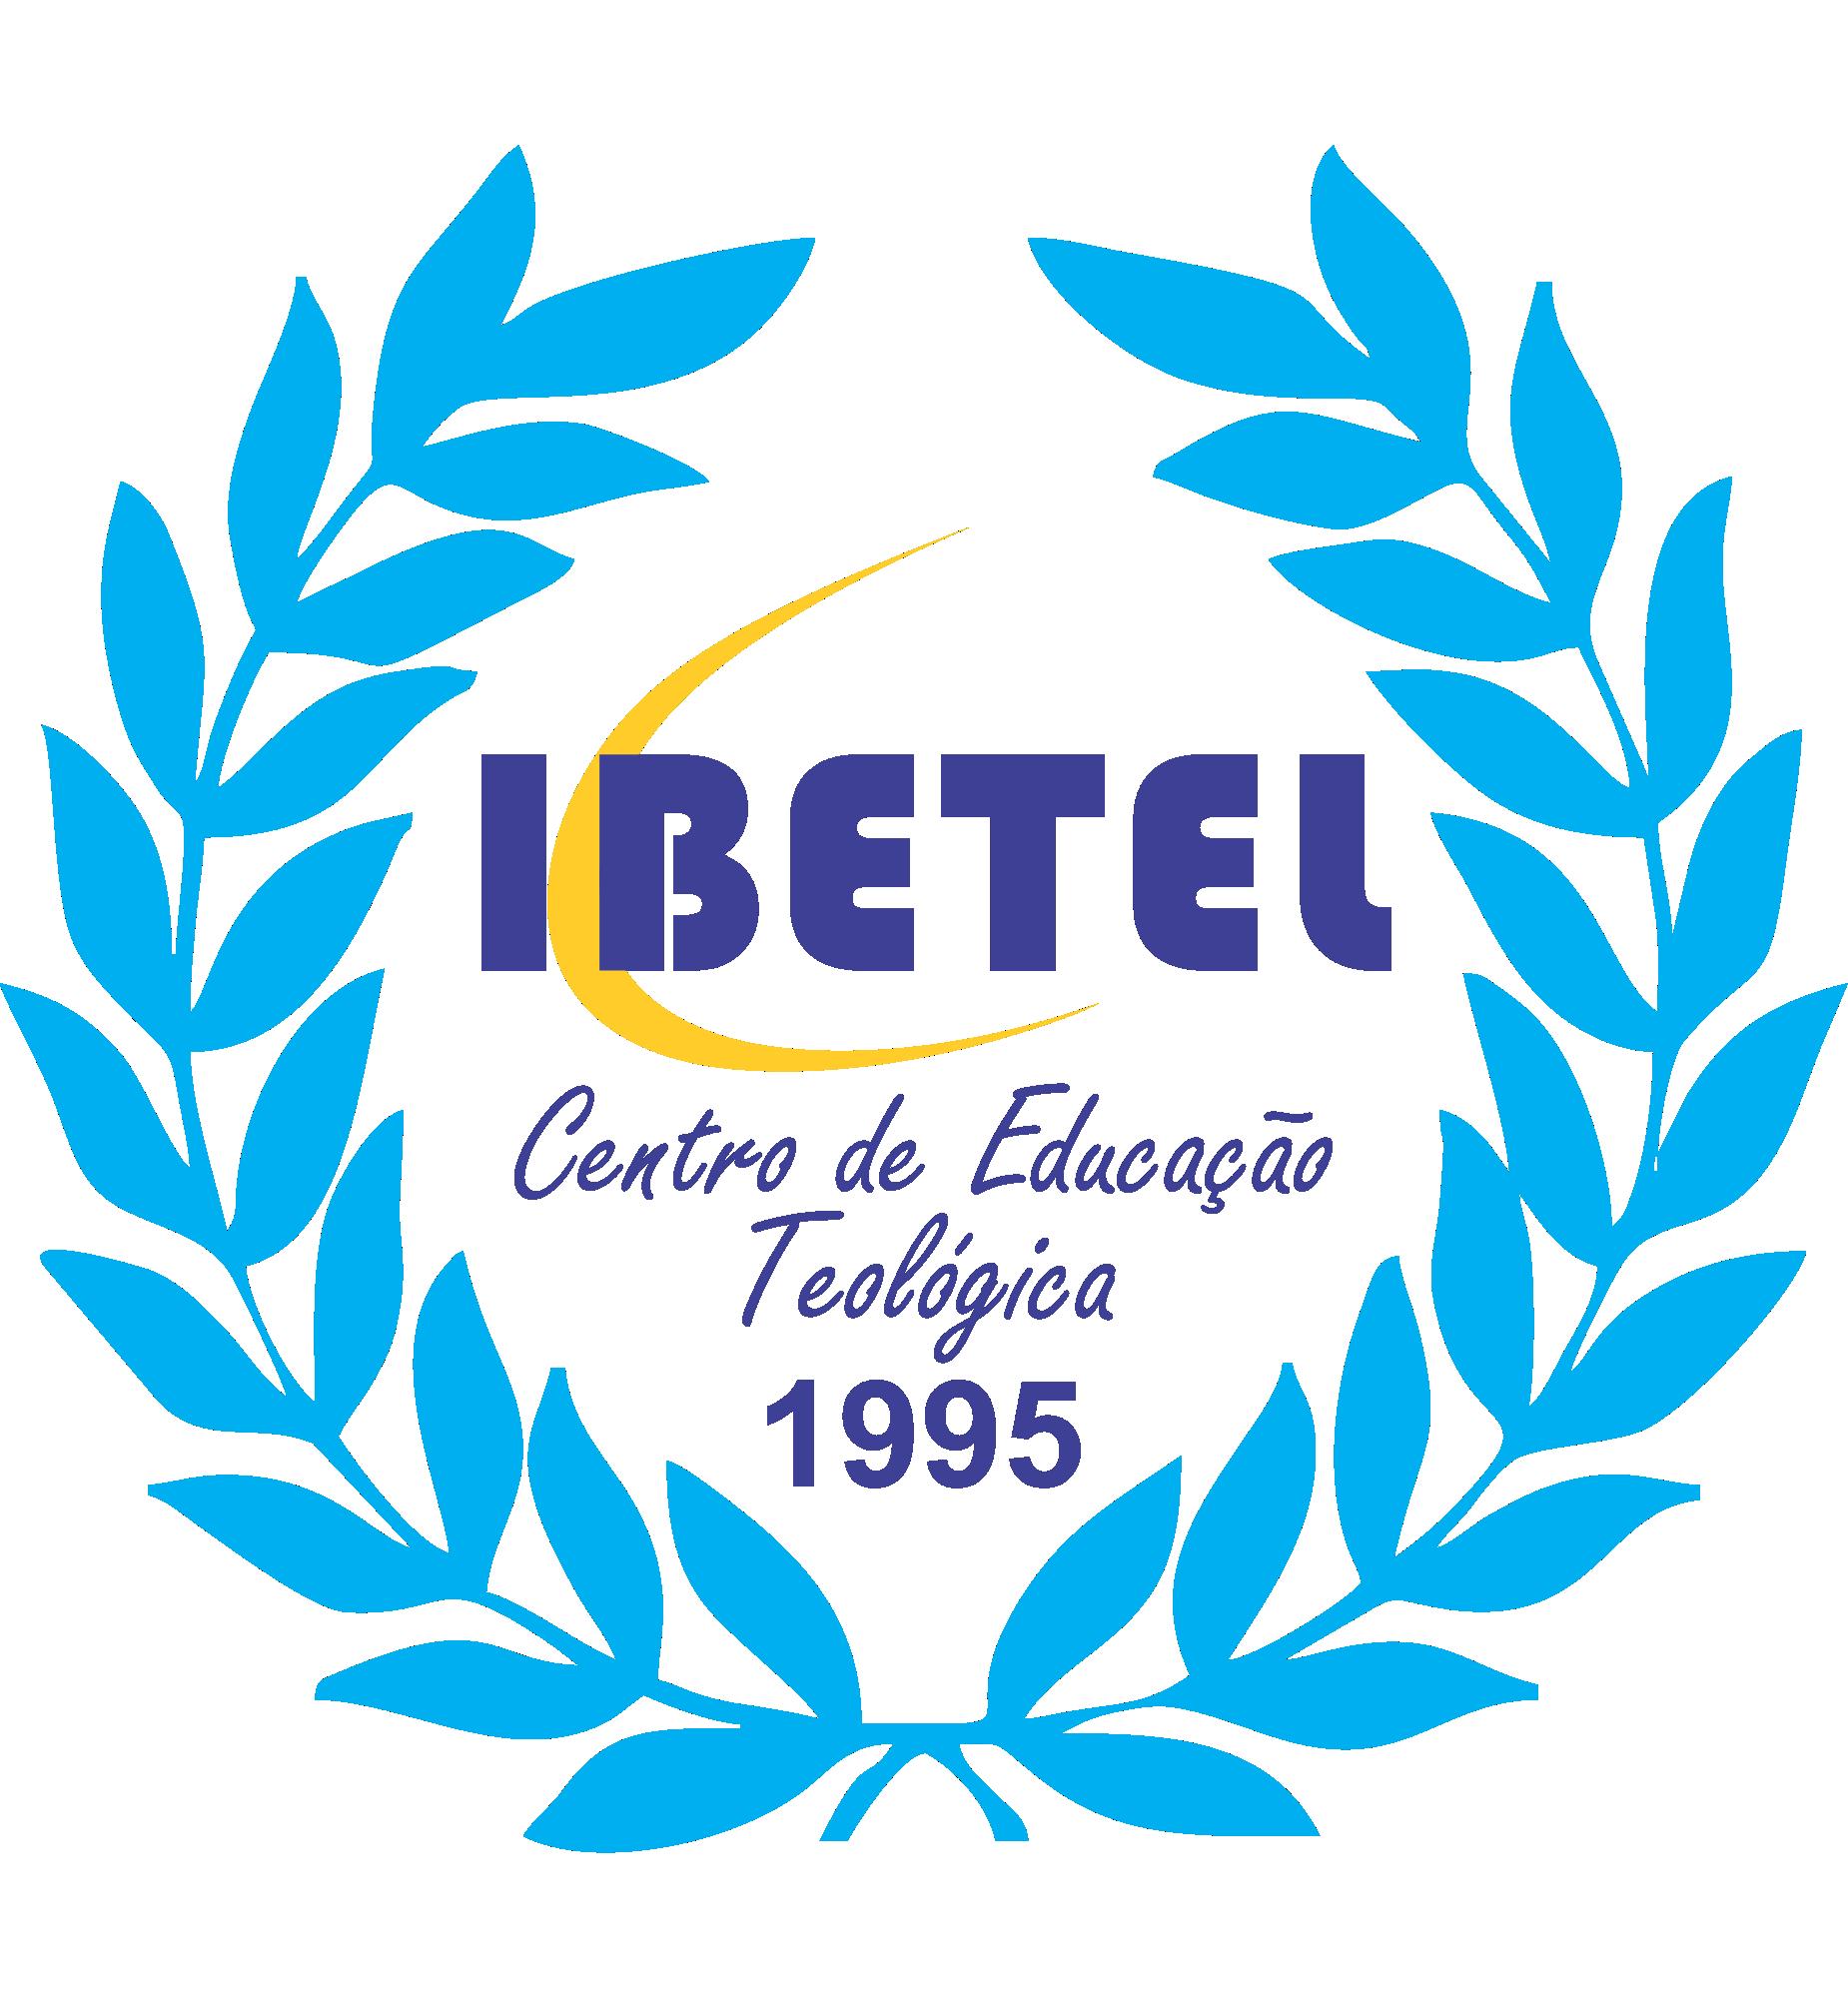 Ibetel - Centro de Educação Teológica